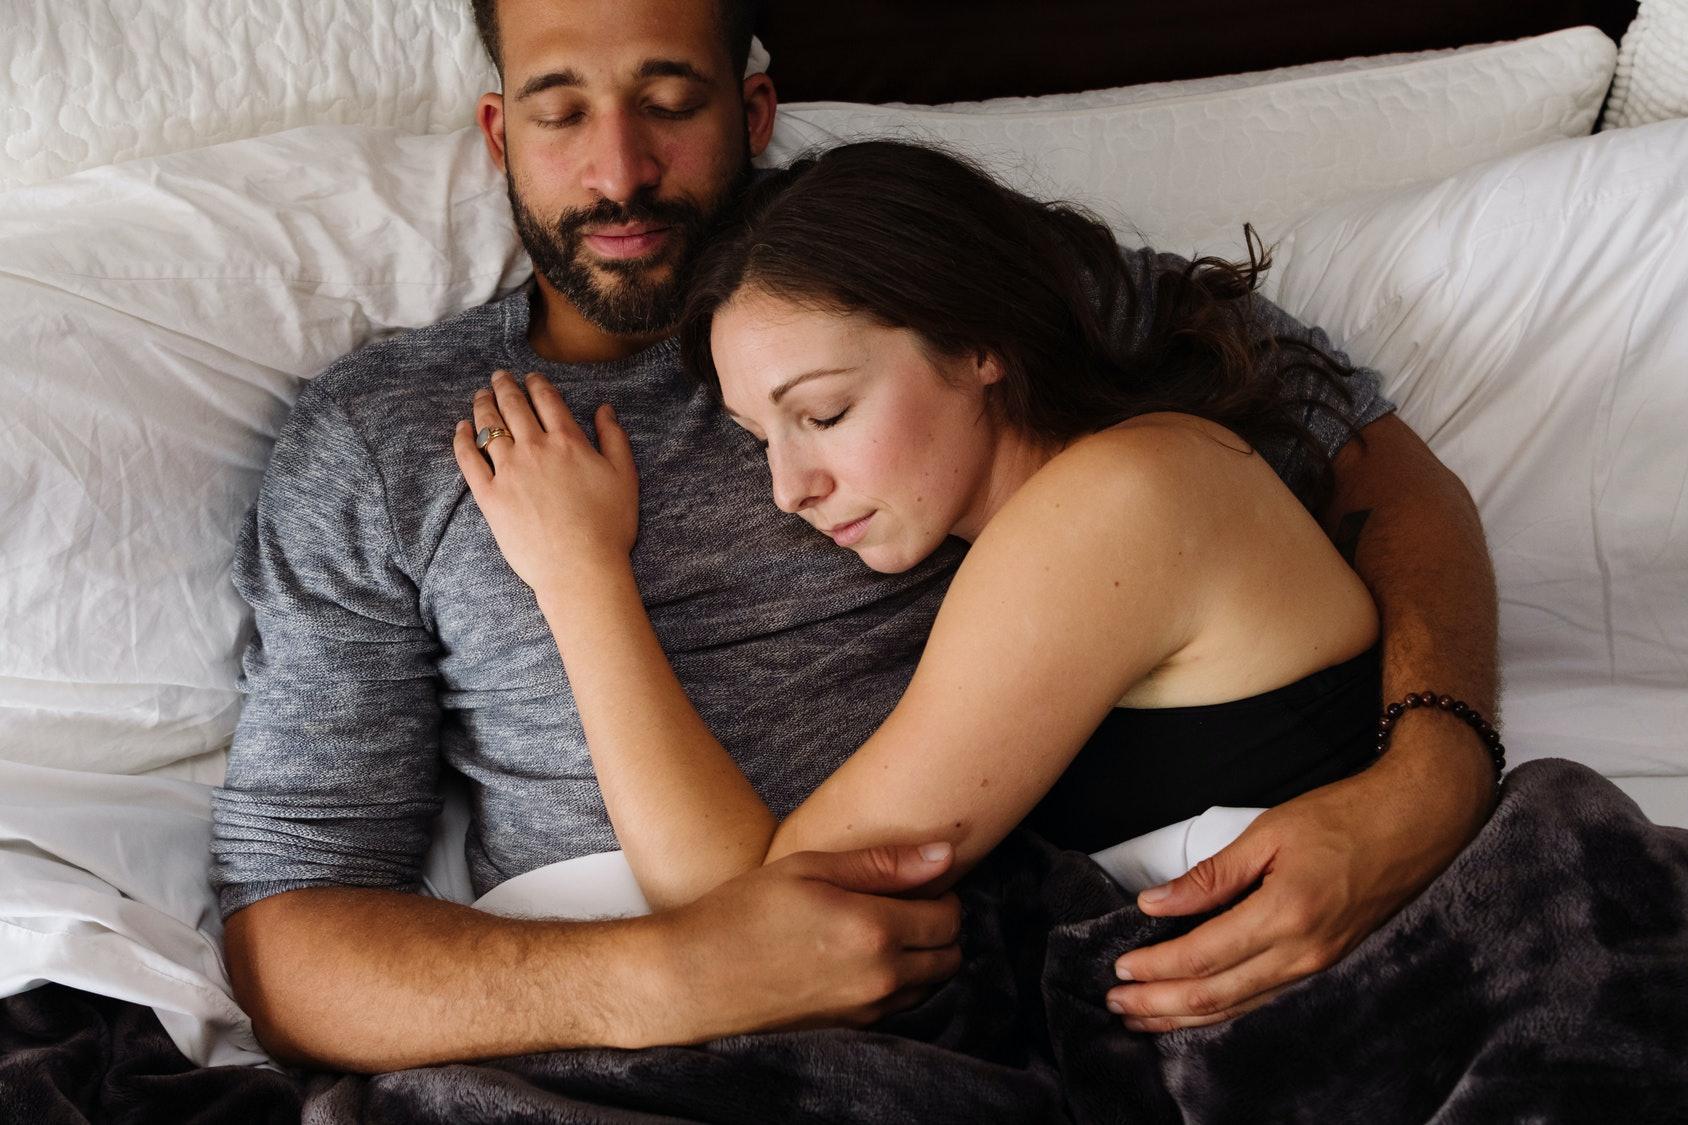 Fre webcam young girl sex pics com